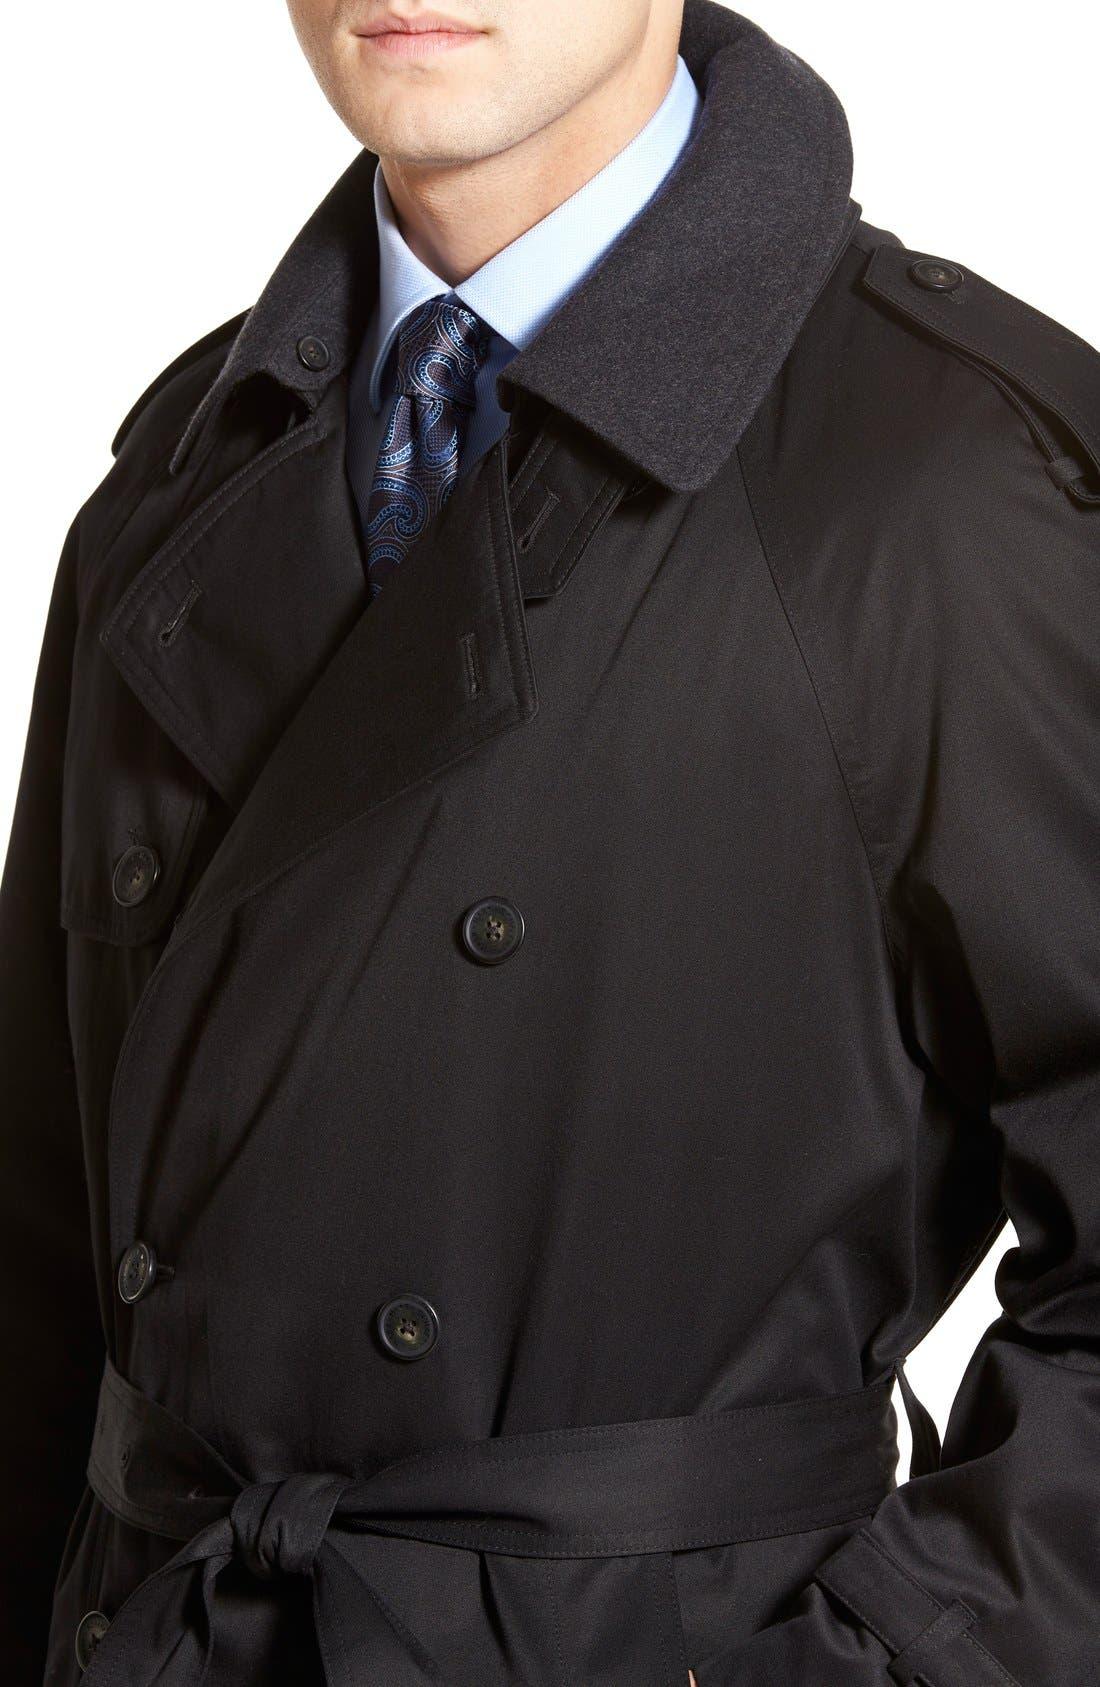 Barrington Classic Fit Cotton Blend Trench Coat,                             Alternate thumbnail 6, color,                             001